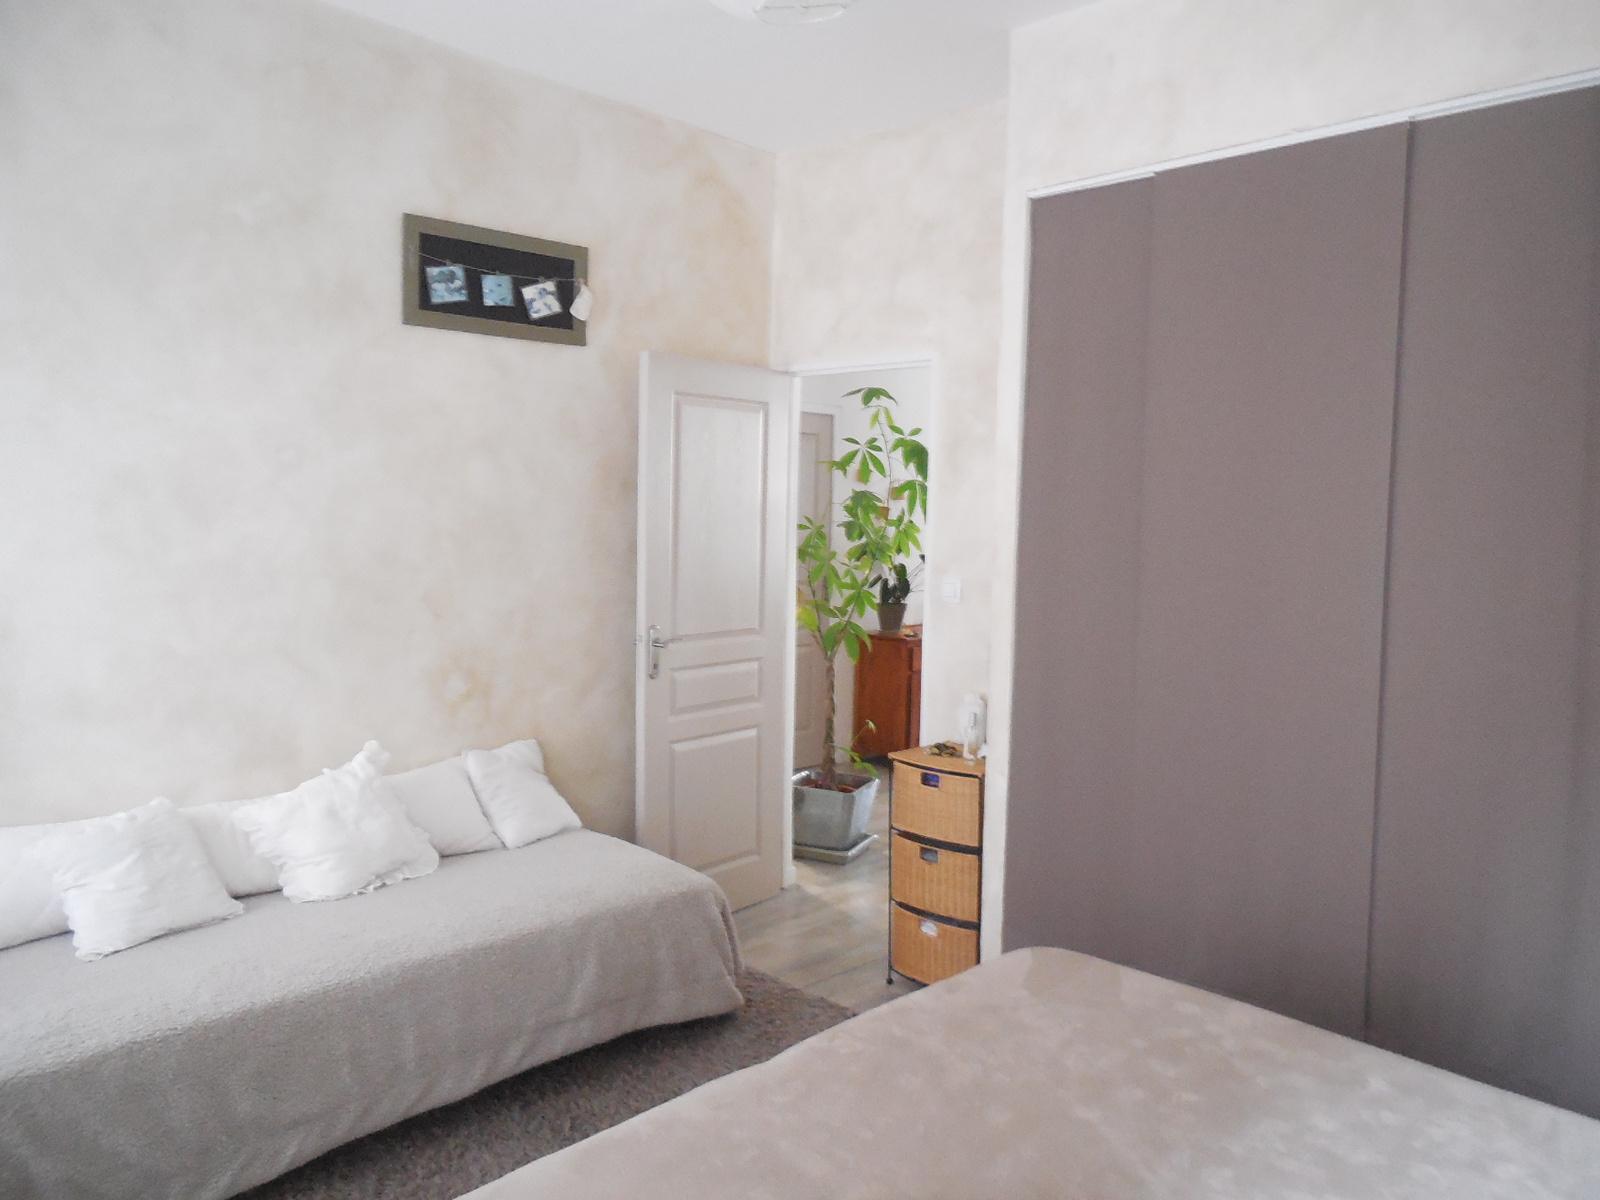 appartement la rochelle LA ROCHELLE - CENTRE VILLE HISTORIQUE